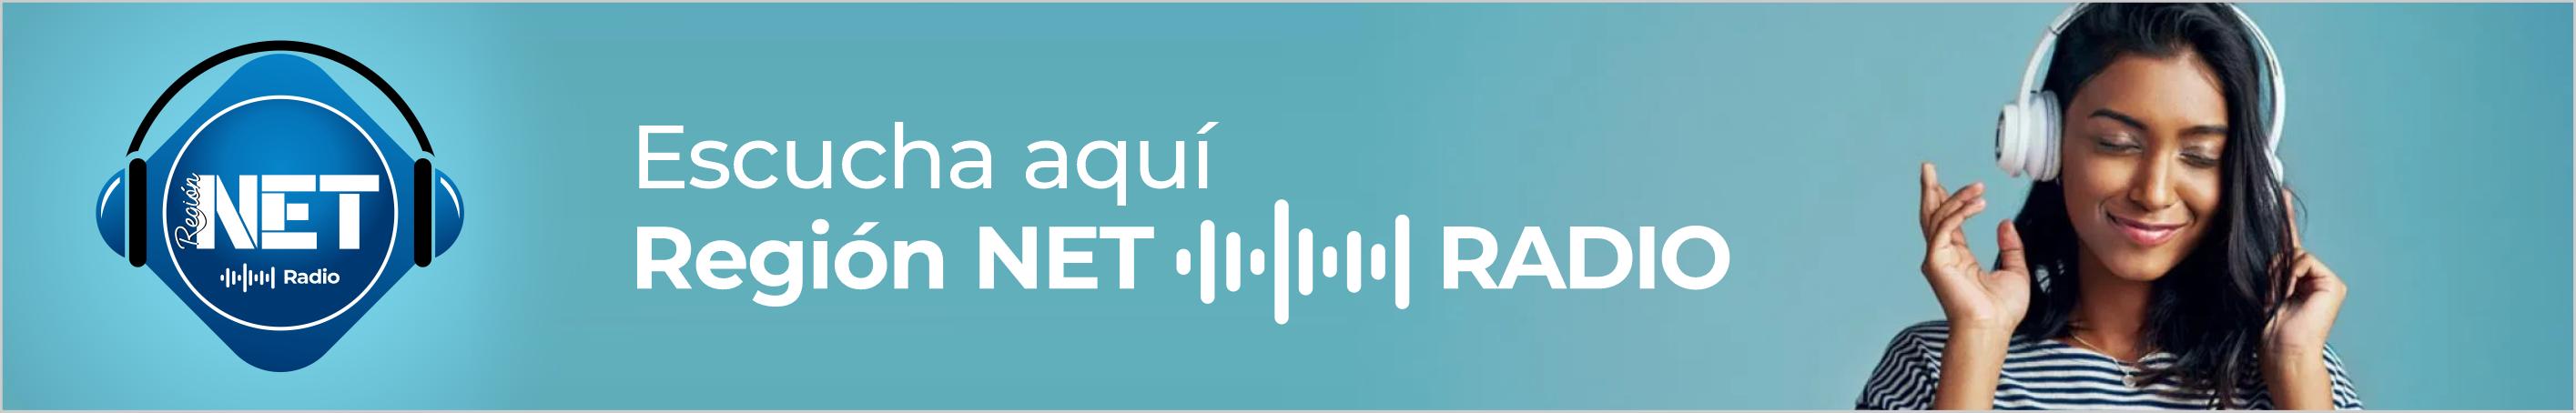 Región NET Radio